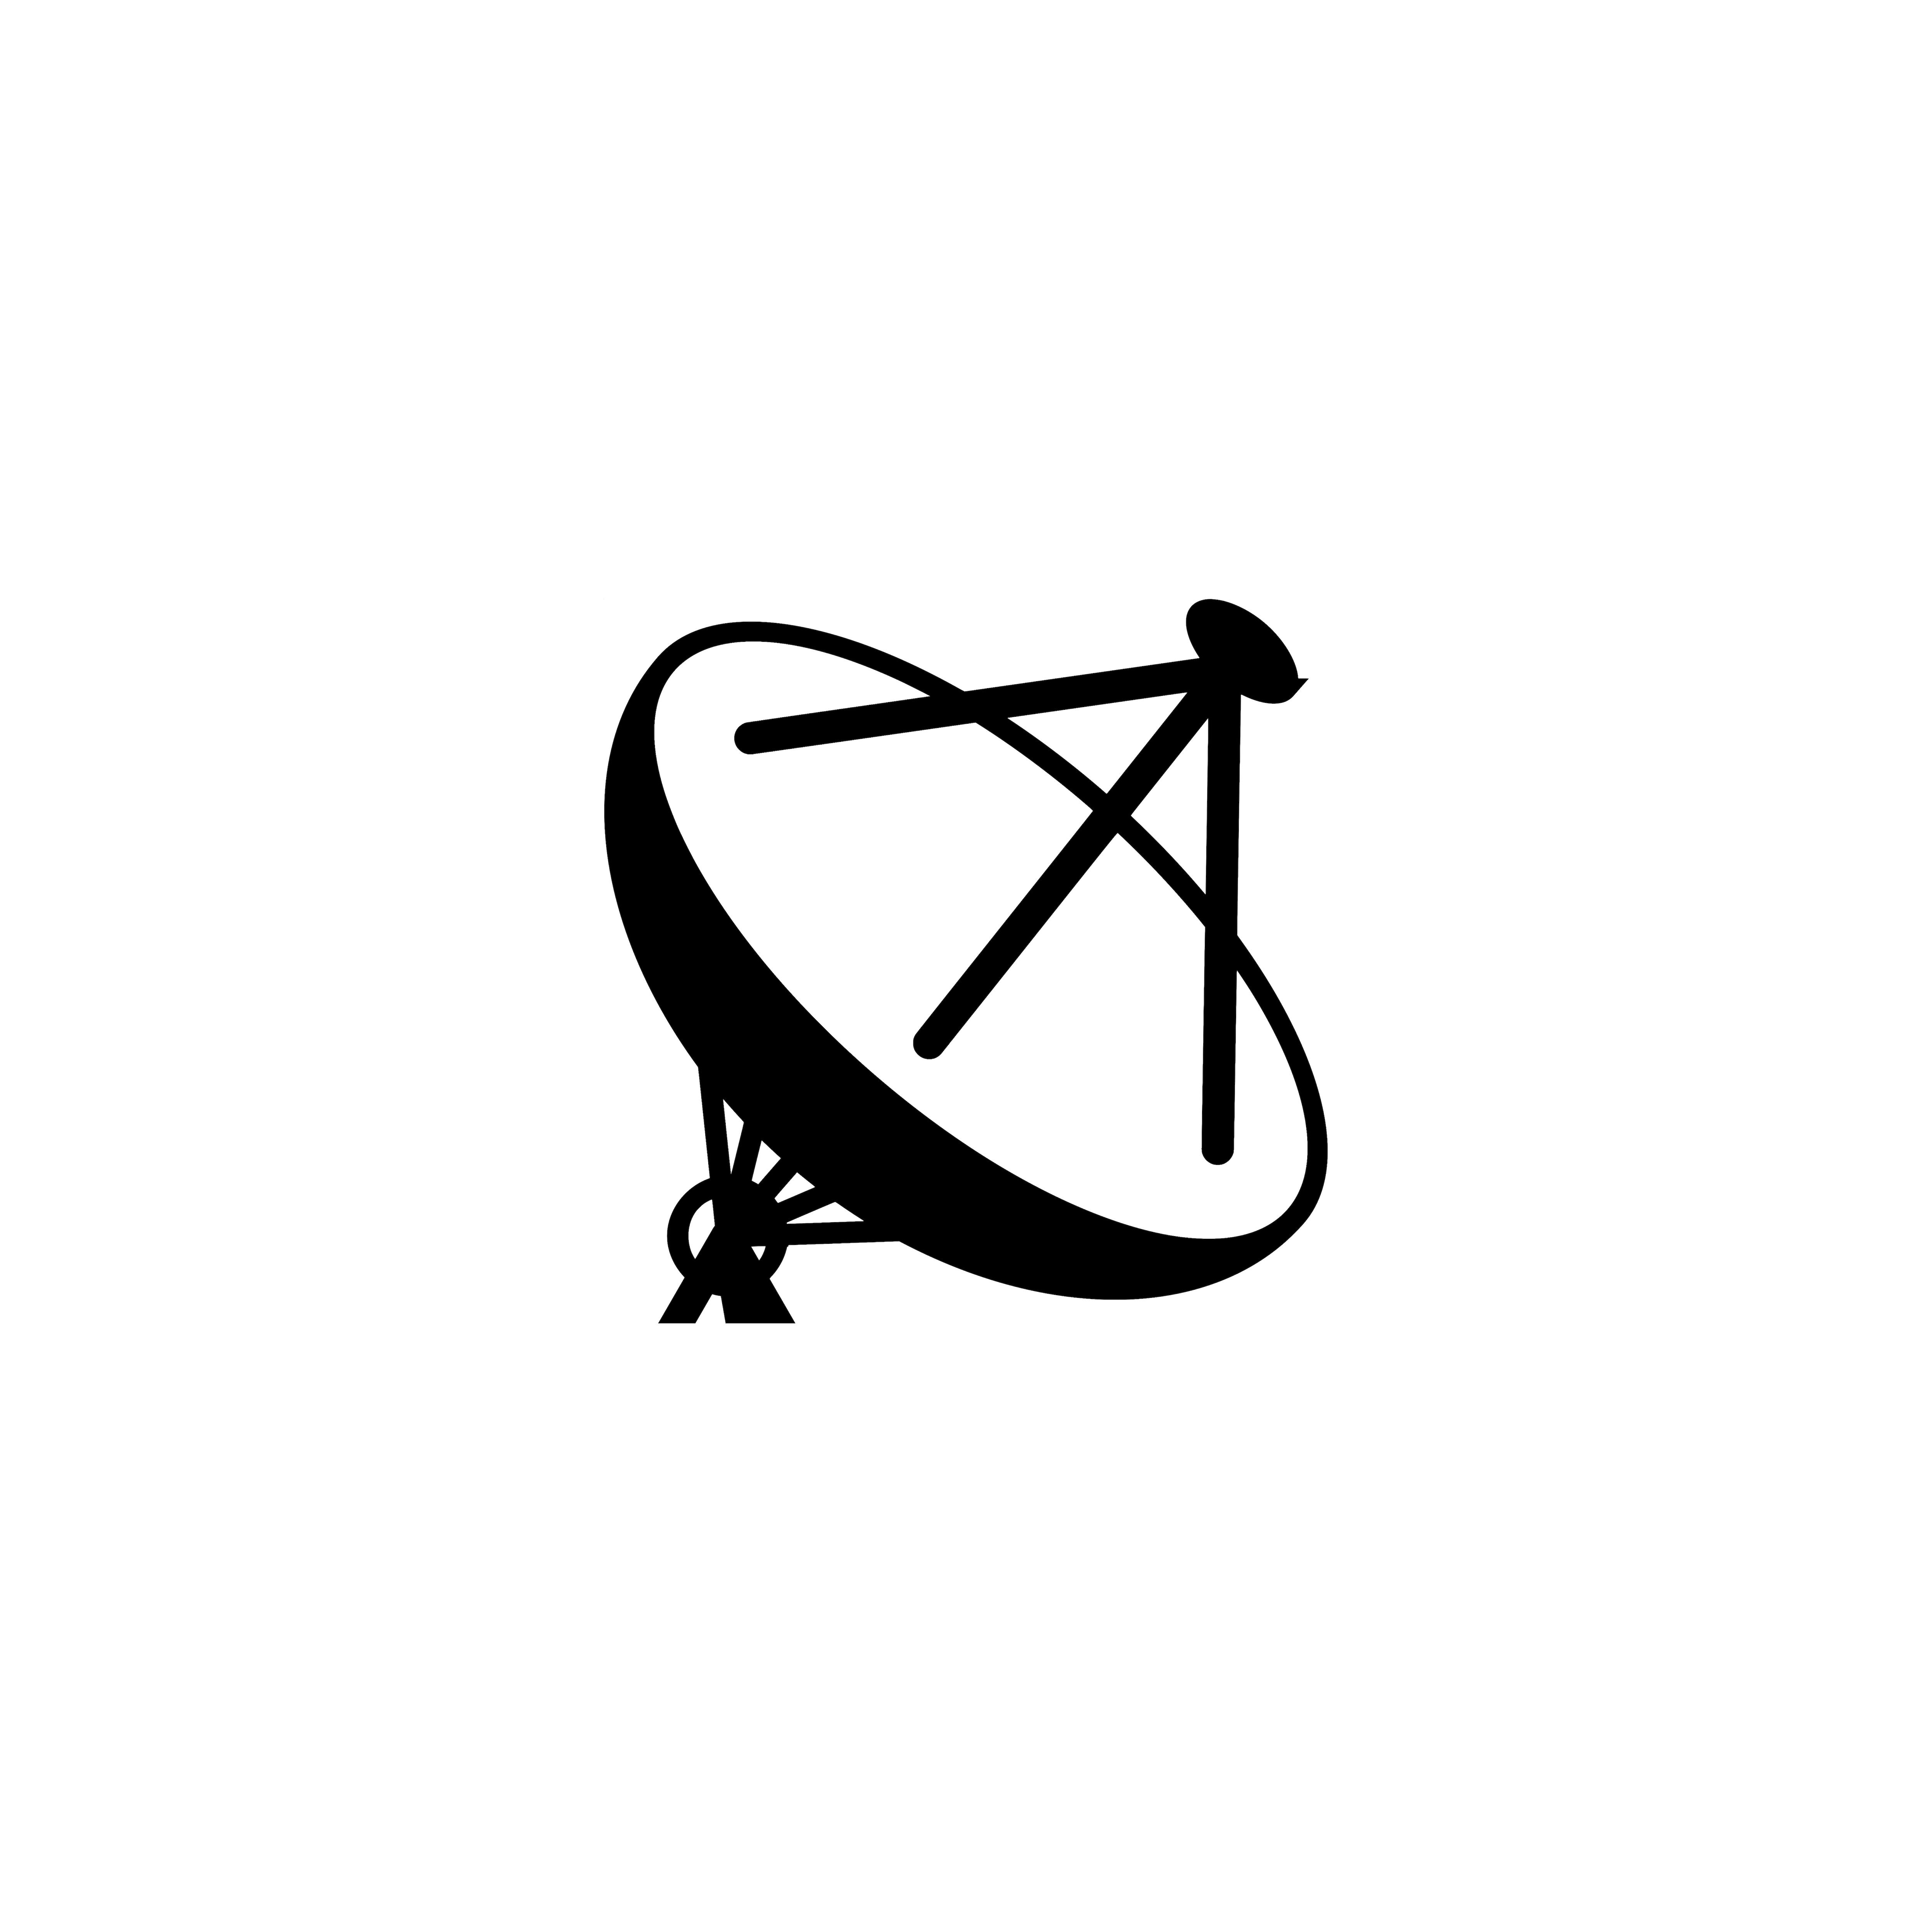 S O U N D S Logo | supergull.com